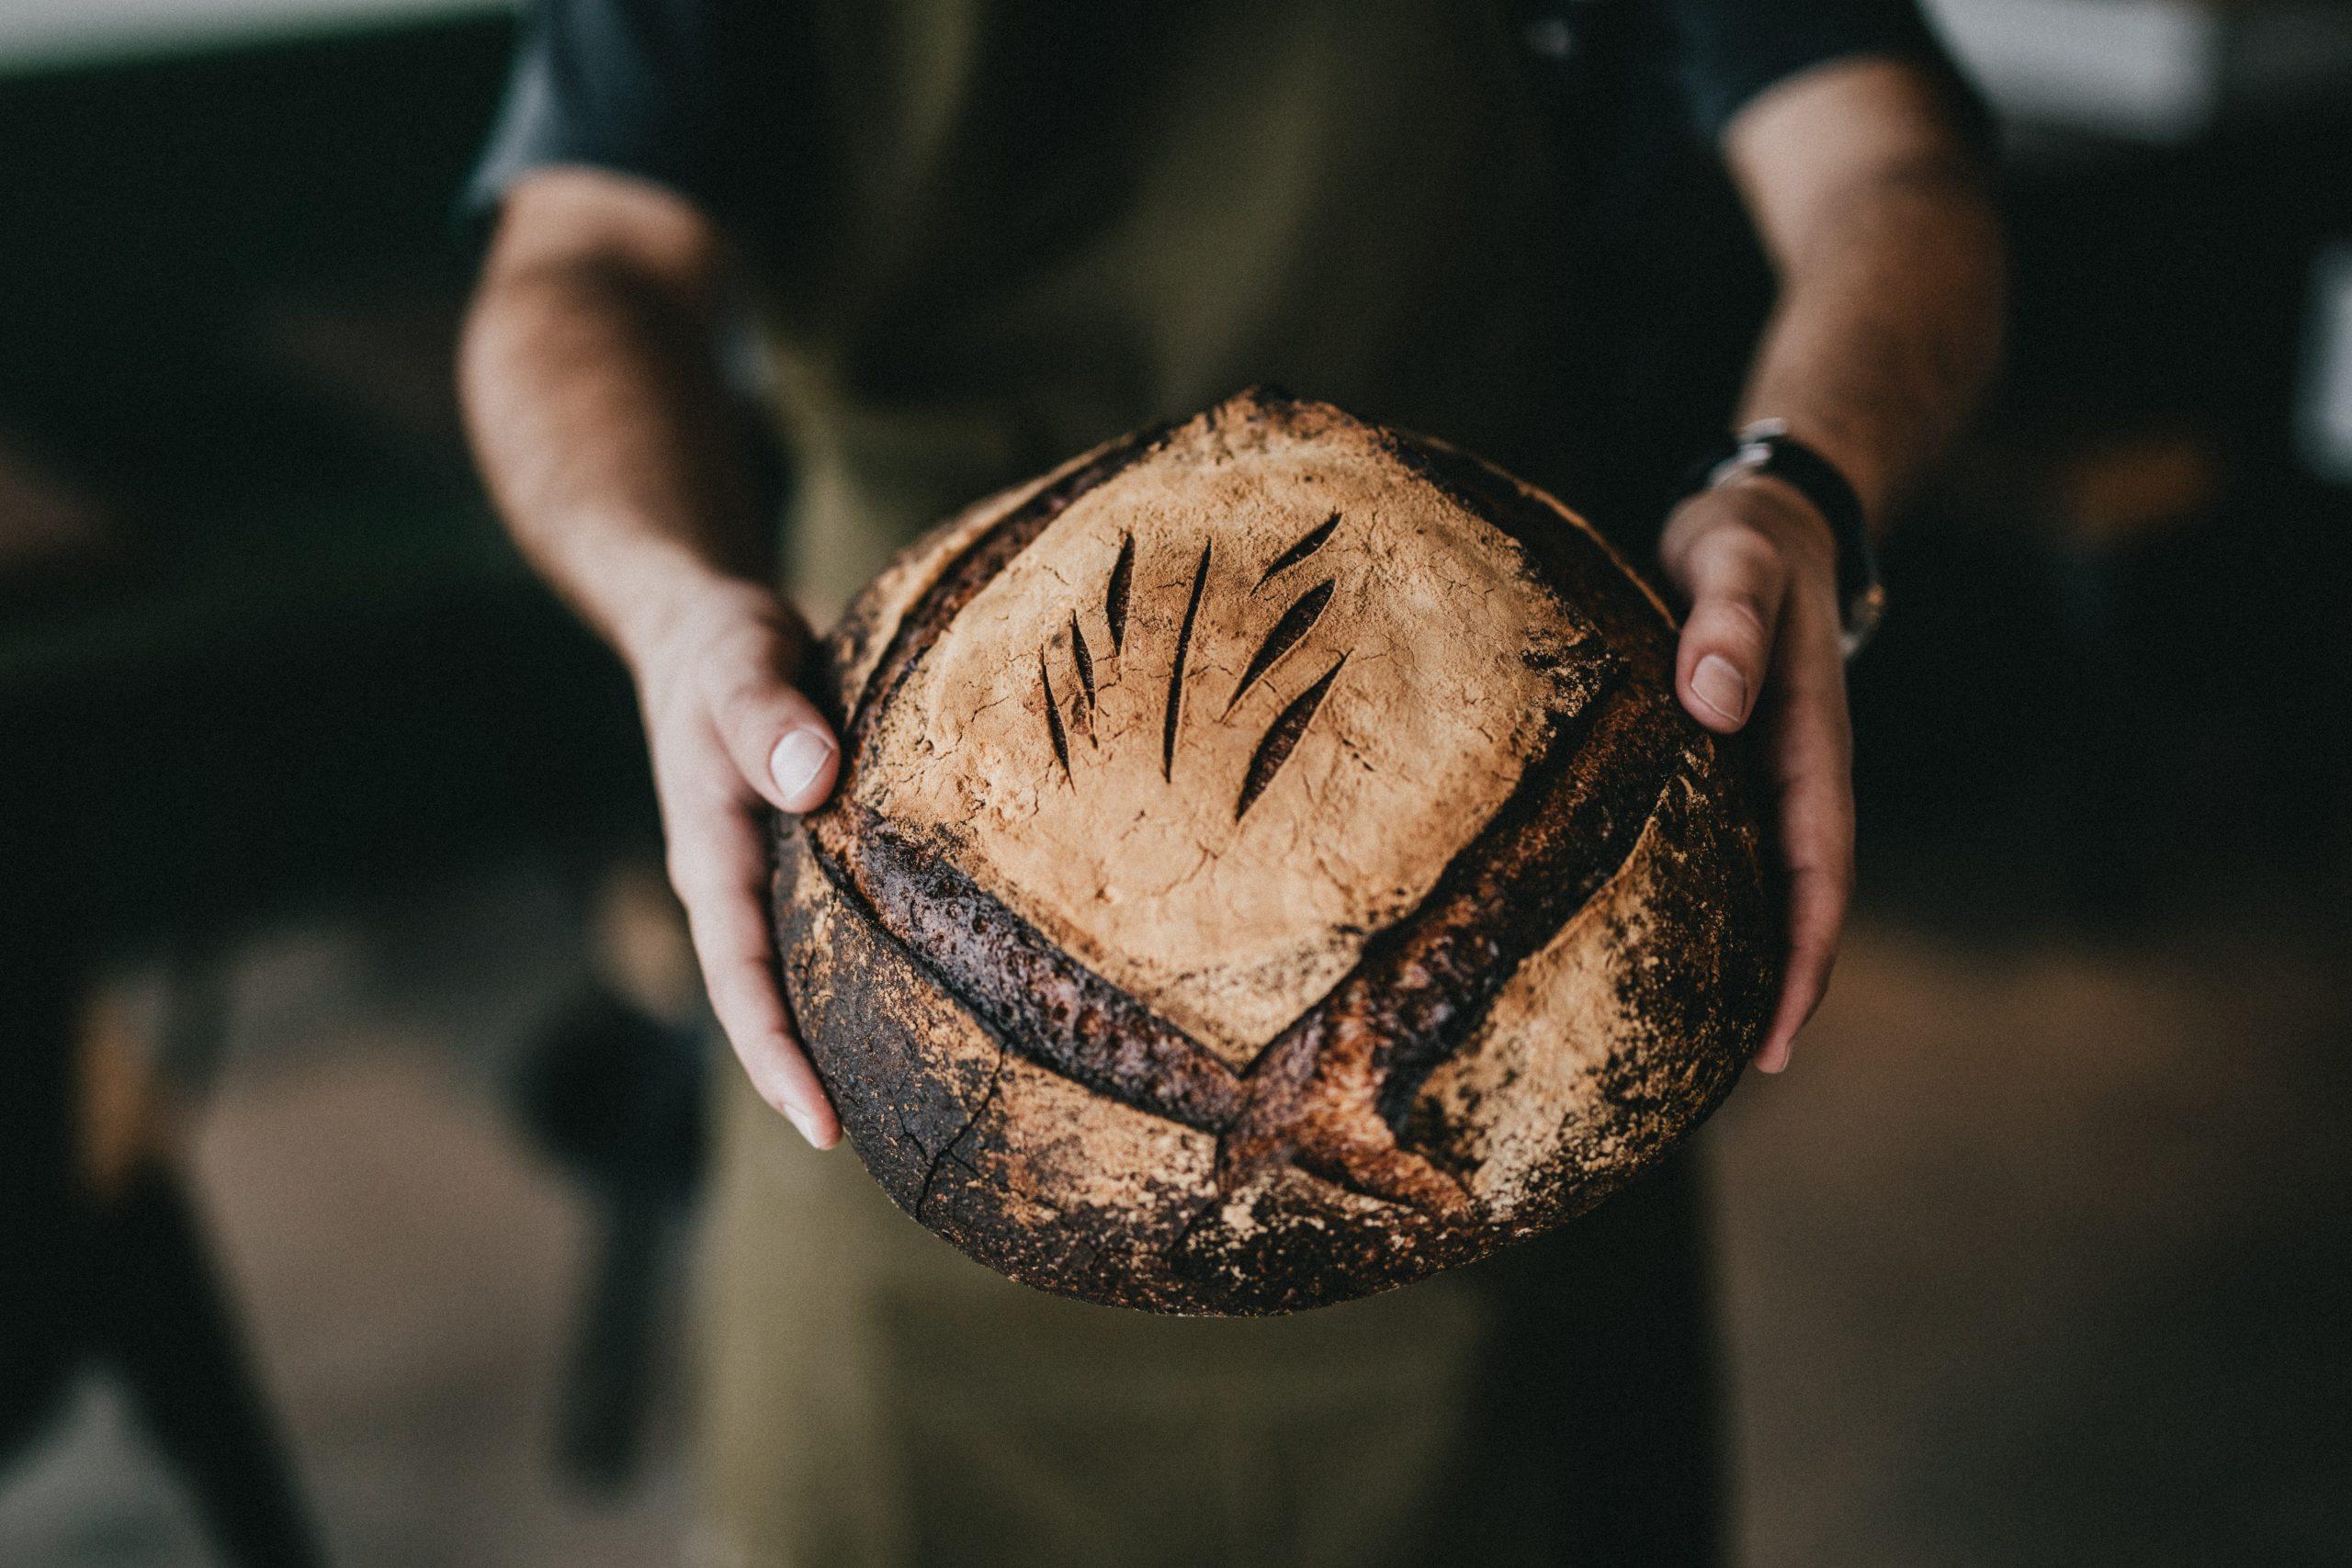 En la imagen, un panadero presentando el producto recién hecho. /Foto: Unsplash